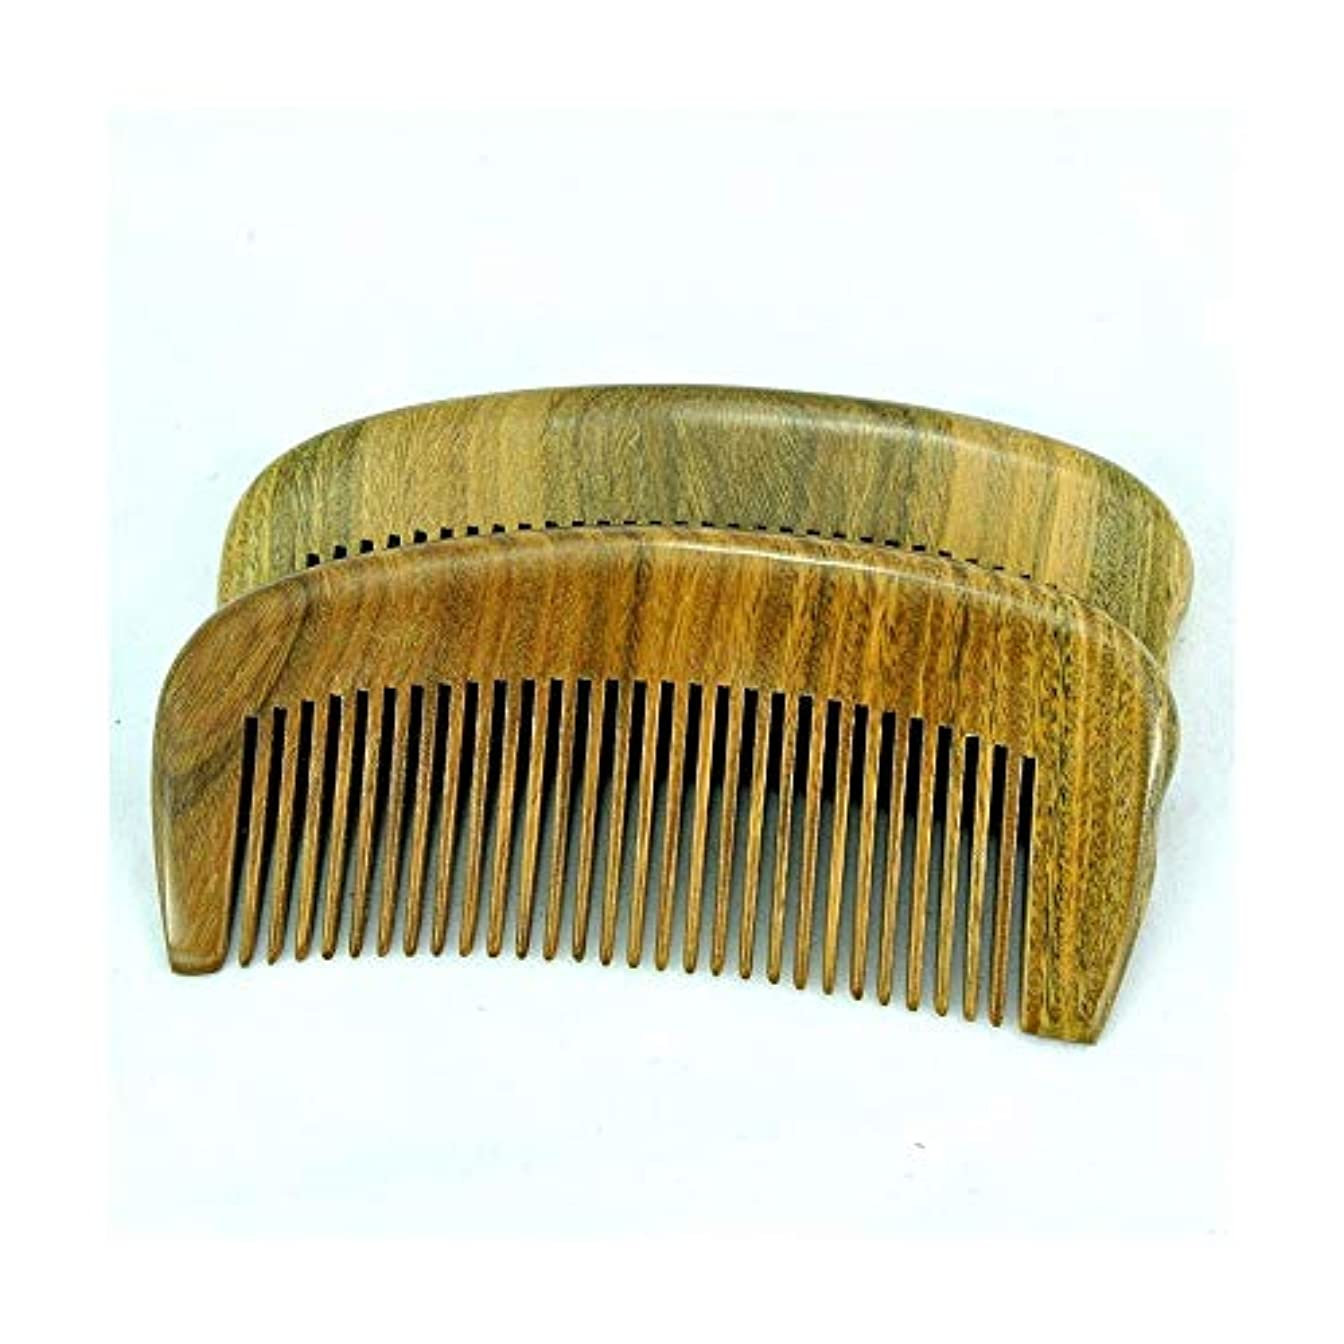 疼痛求めるサポートFashianナチュラルグリーンサンダルウッド手作りの木製くしポータブルヘアブラシ ヘアケア